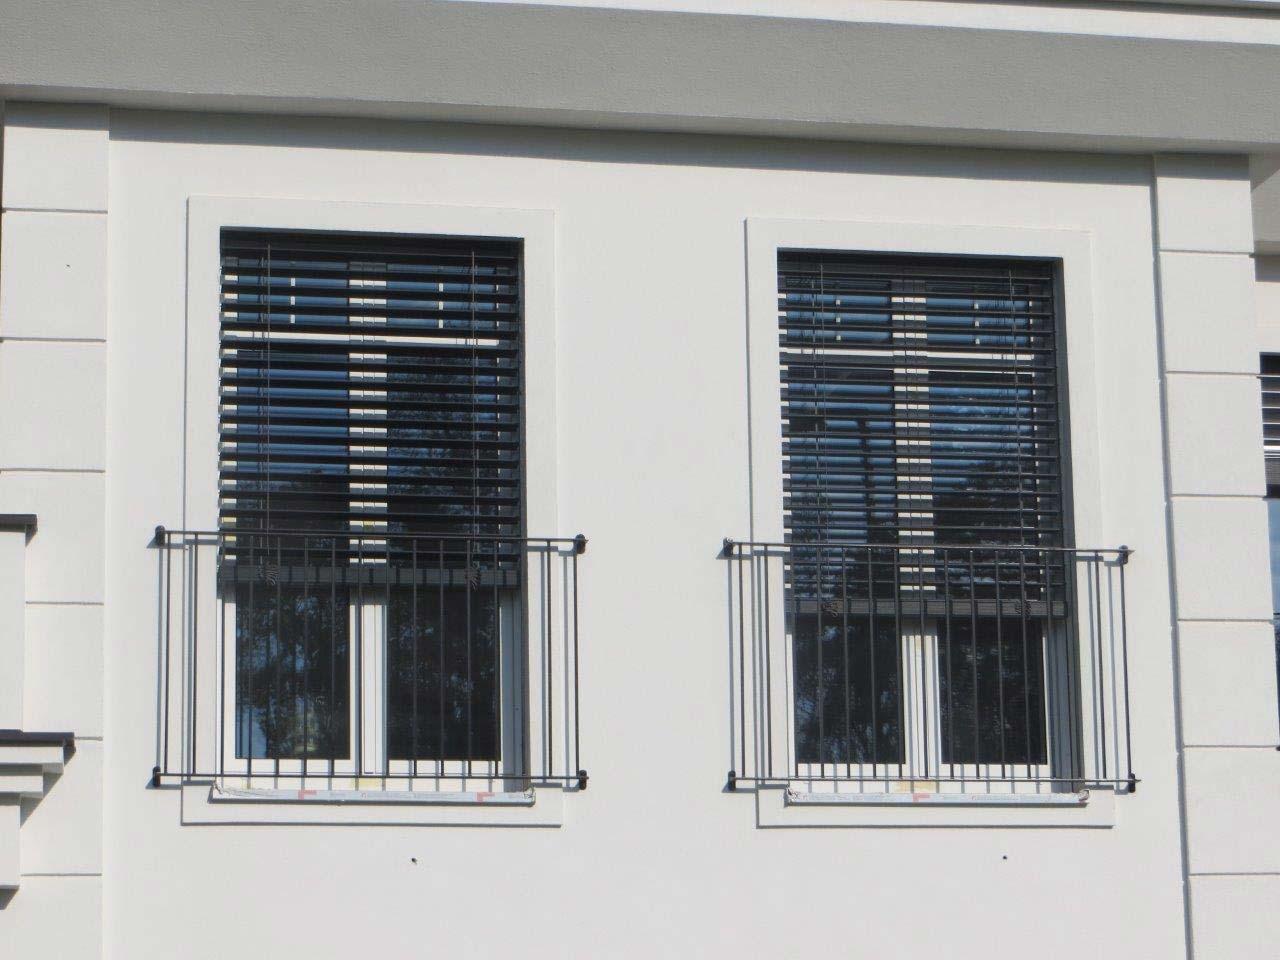 Full Size of Fenster Jalousien Innen Fensterrahmen Elektrisch Montageanleitung Plissee Ohne Bohren Obi Rollo Holz Bauhaus Rollos Ikea Jalousie Vorbau Raffstores Raffstore Fenster Fenster Jalousien Innen